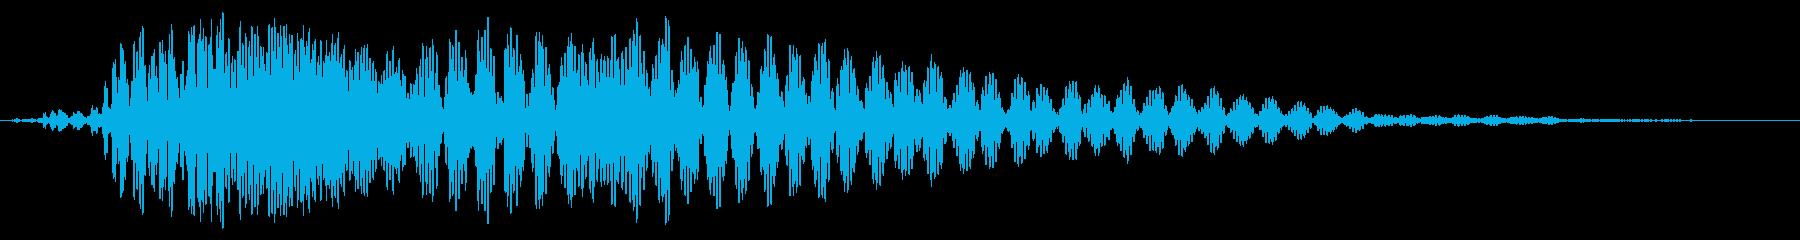 ゥオ〜ンとかすかに響く効果音の再生済みの波形